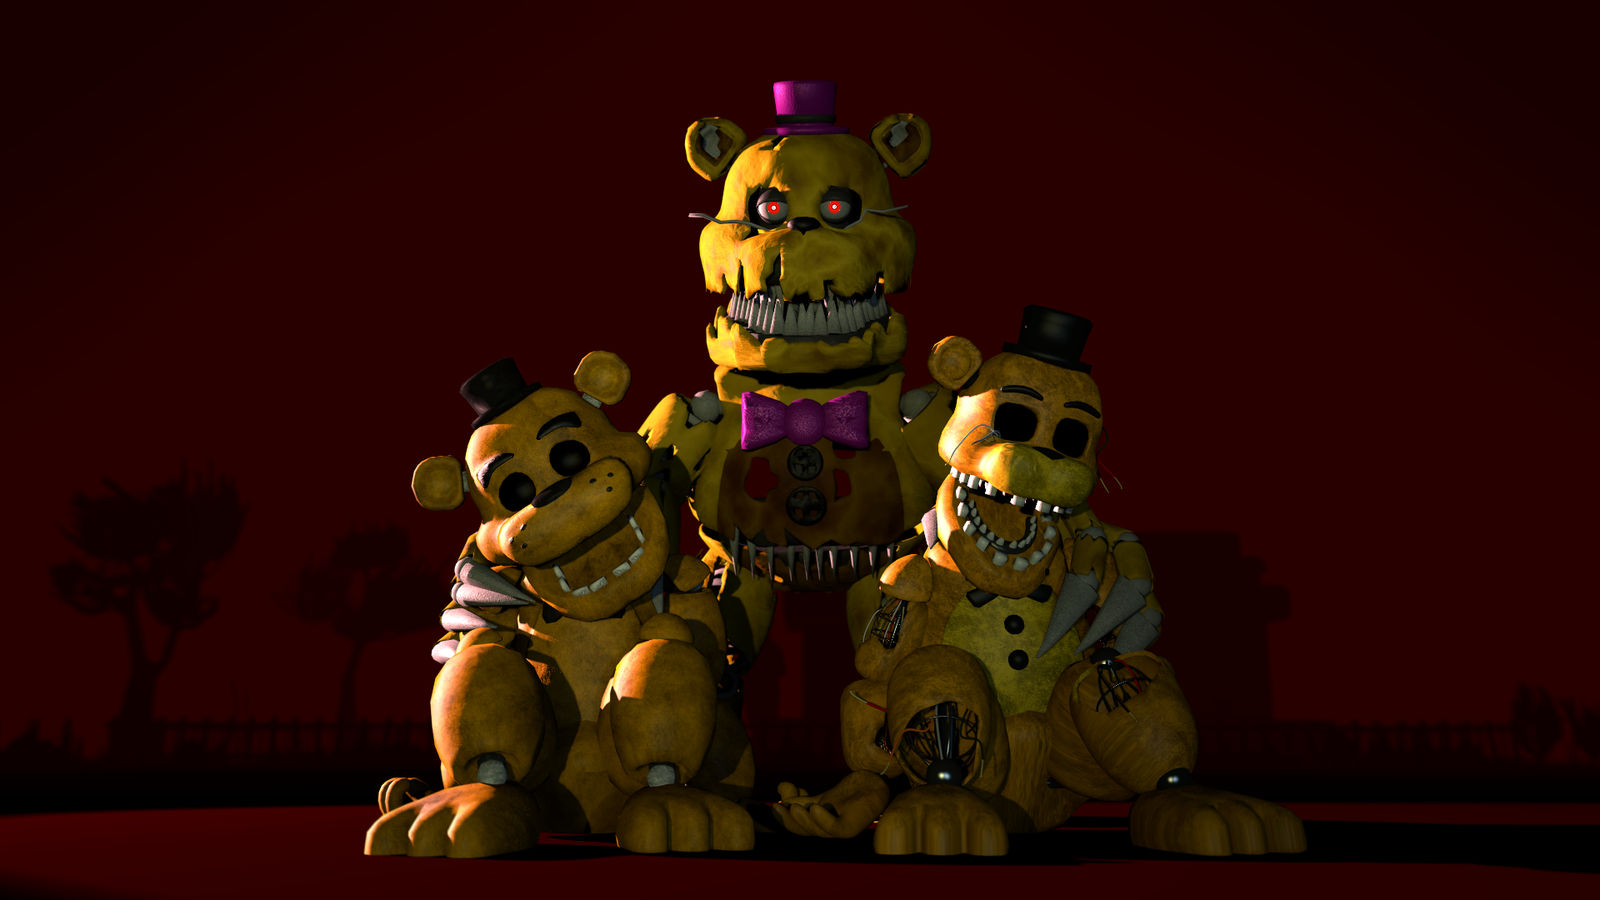 Fred, Fredd, and Fredbear by ImpRegnius on DeviantArt